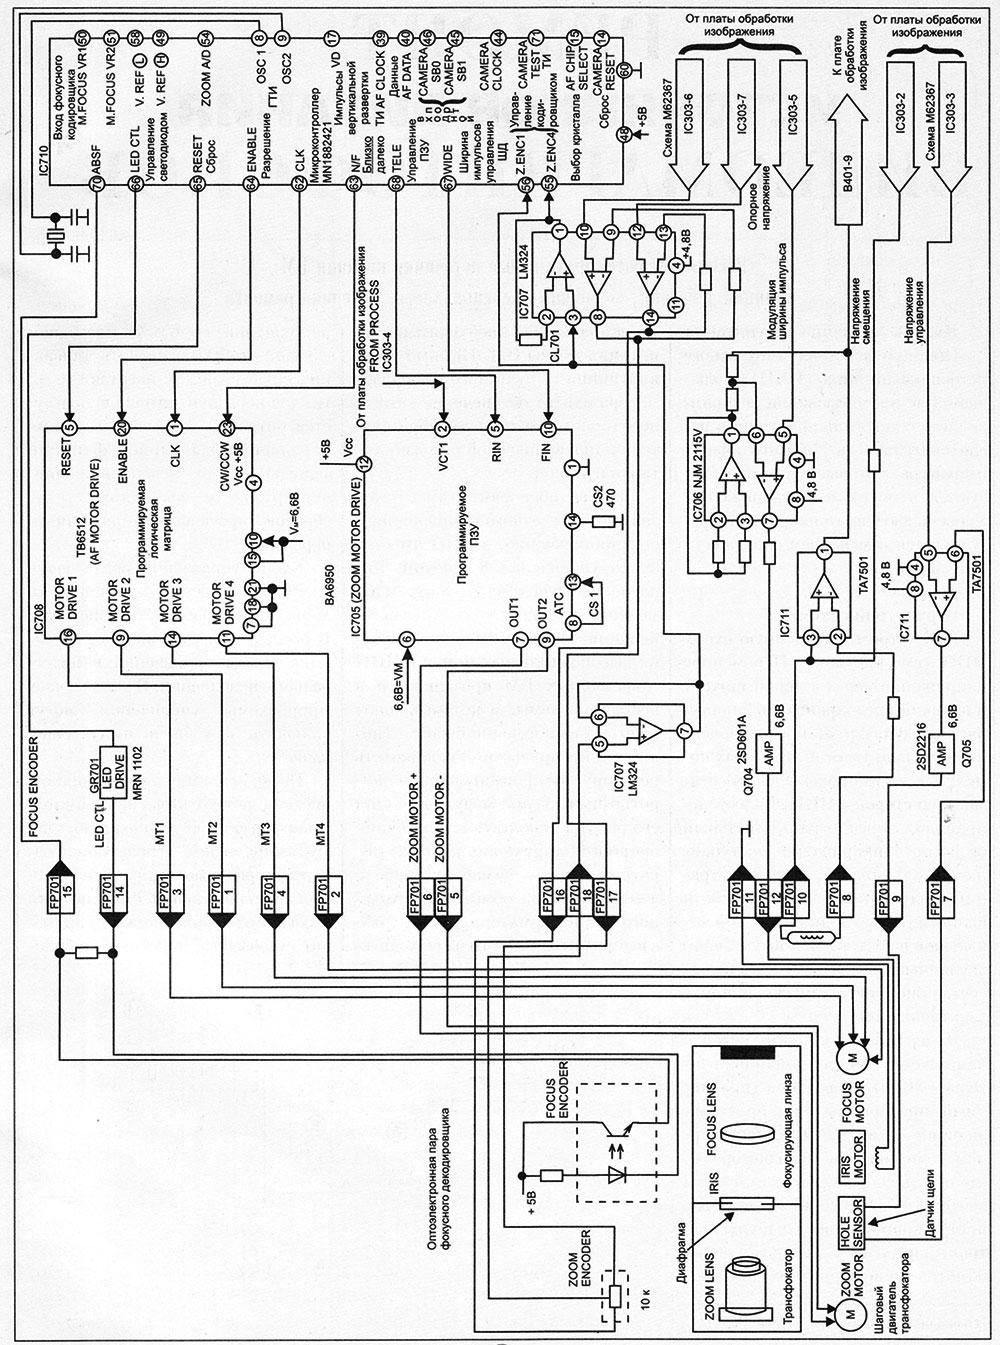 Структурная схема приводов трансфокатора, диафрагмы и фокусировки видеокамеры